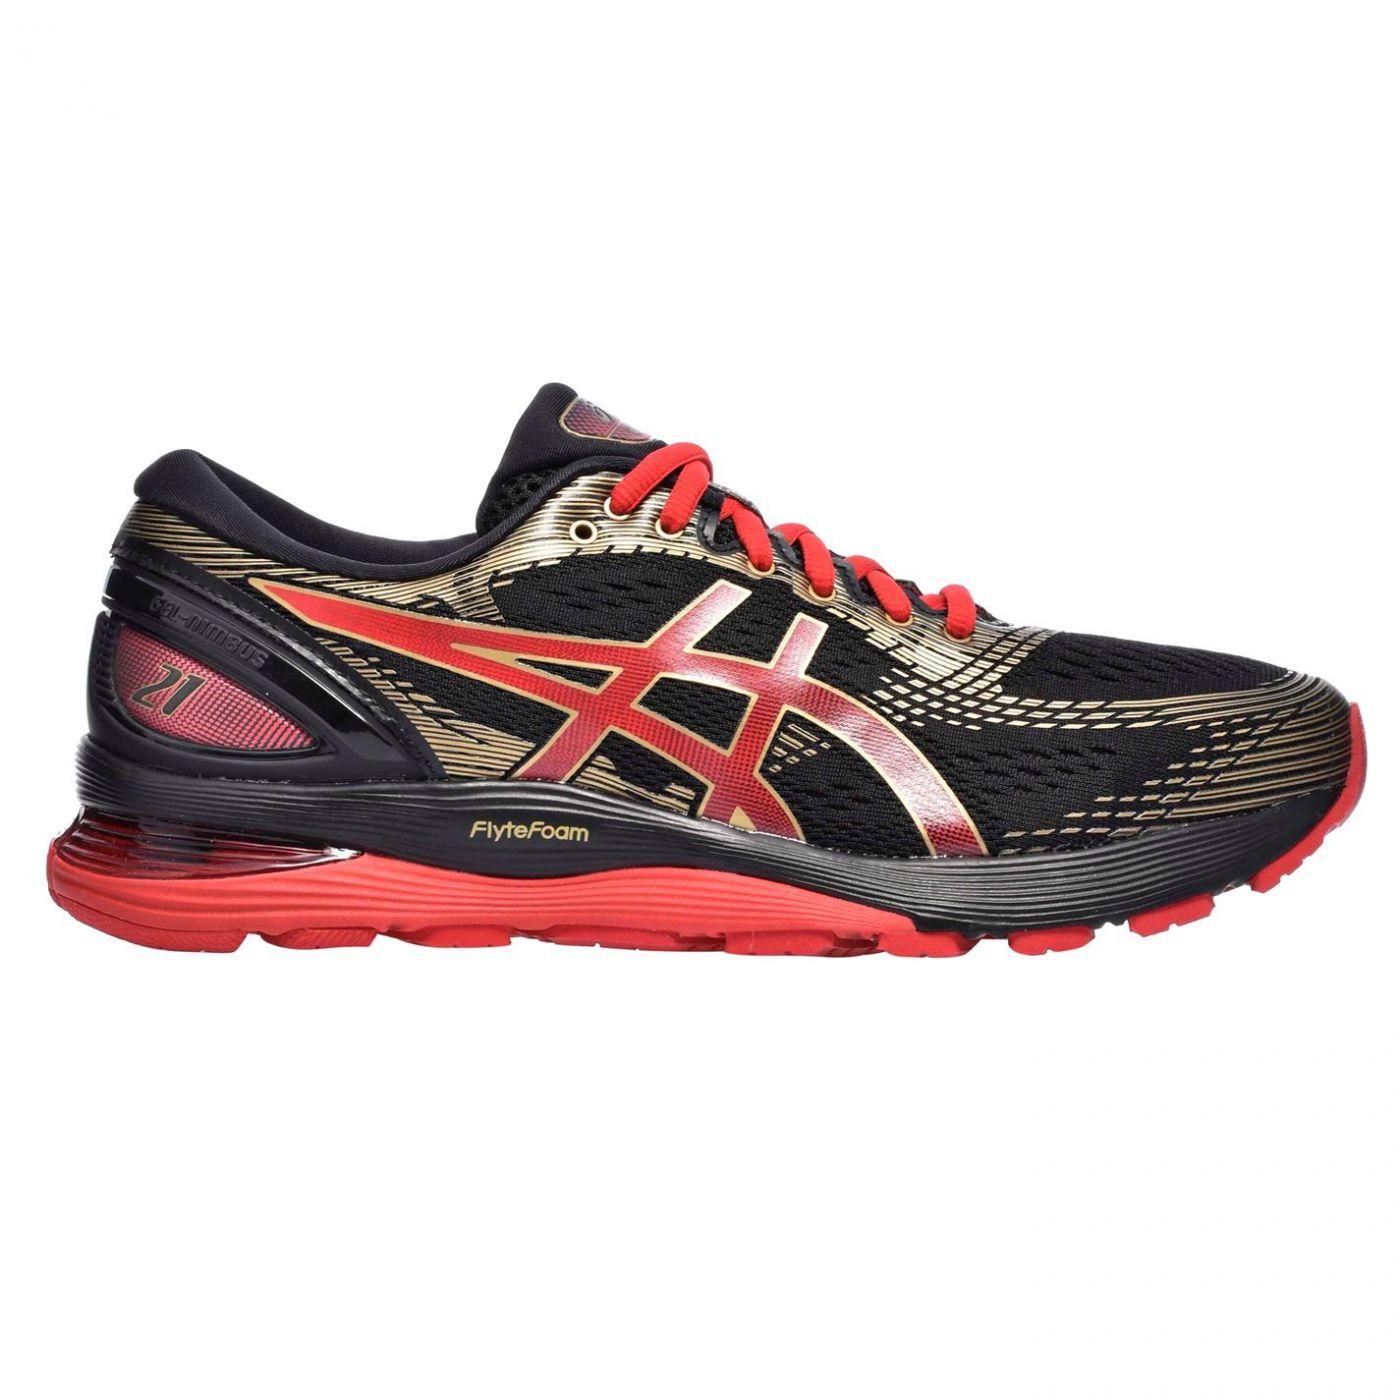 Asics GEL-Nimbus 21 Mugen Men's Running Shoes